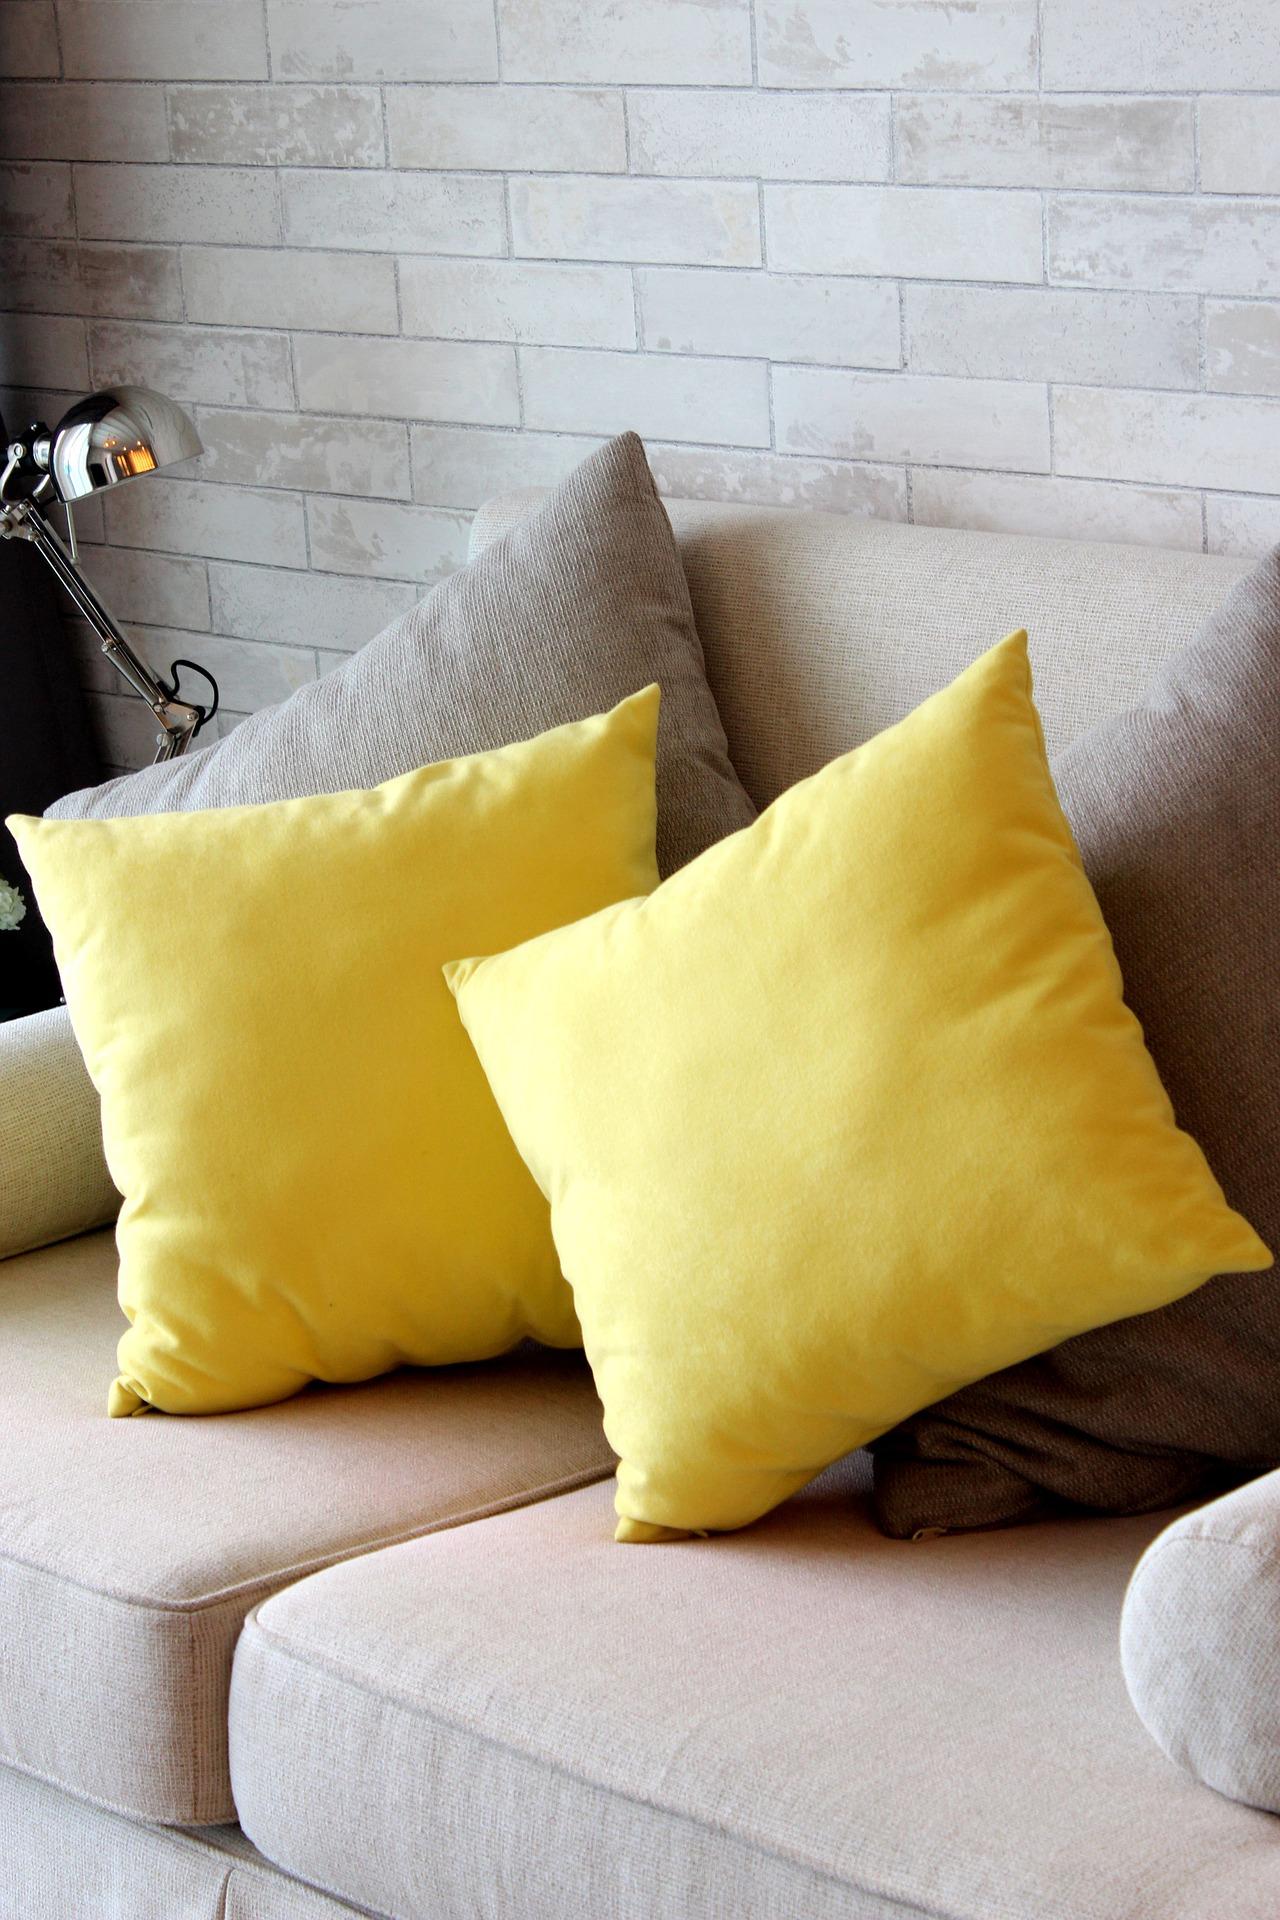 Gelbe Kissen - ganz japandi